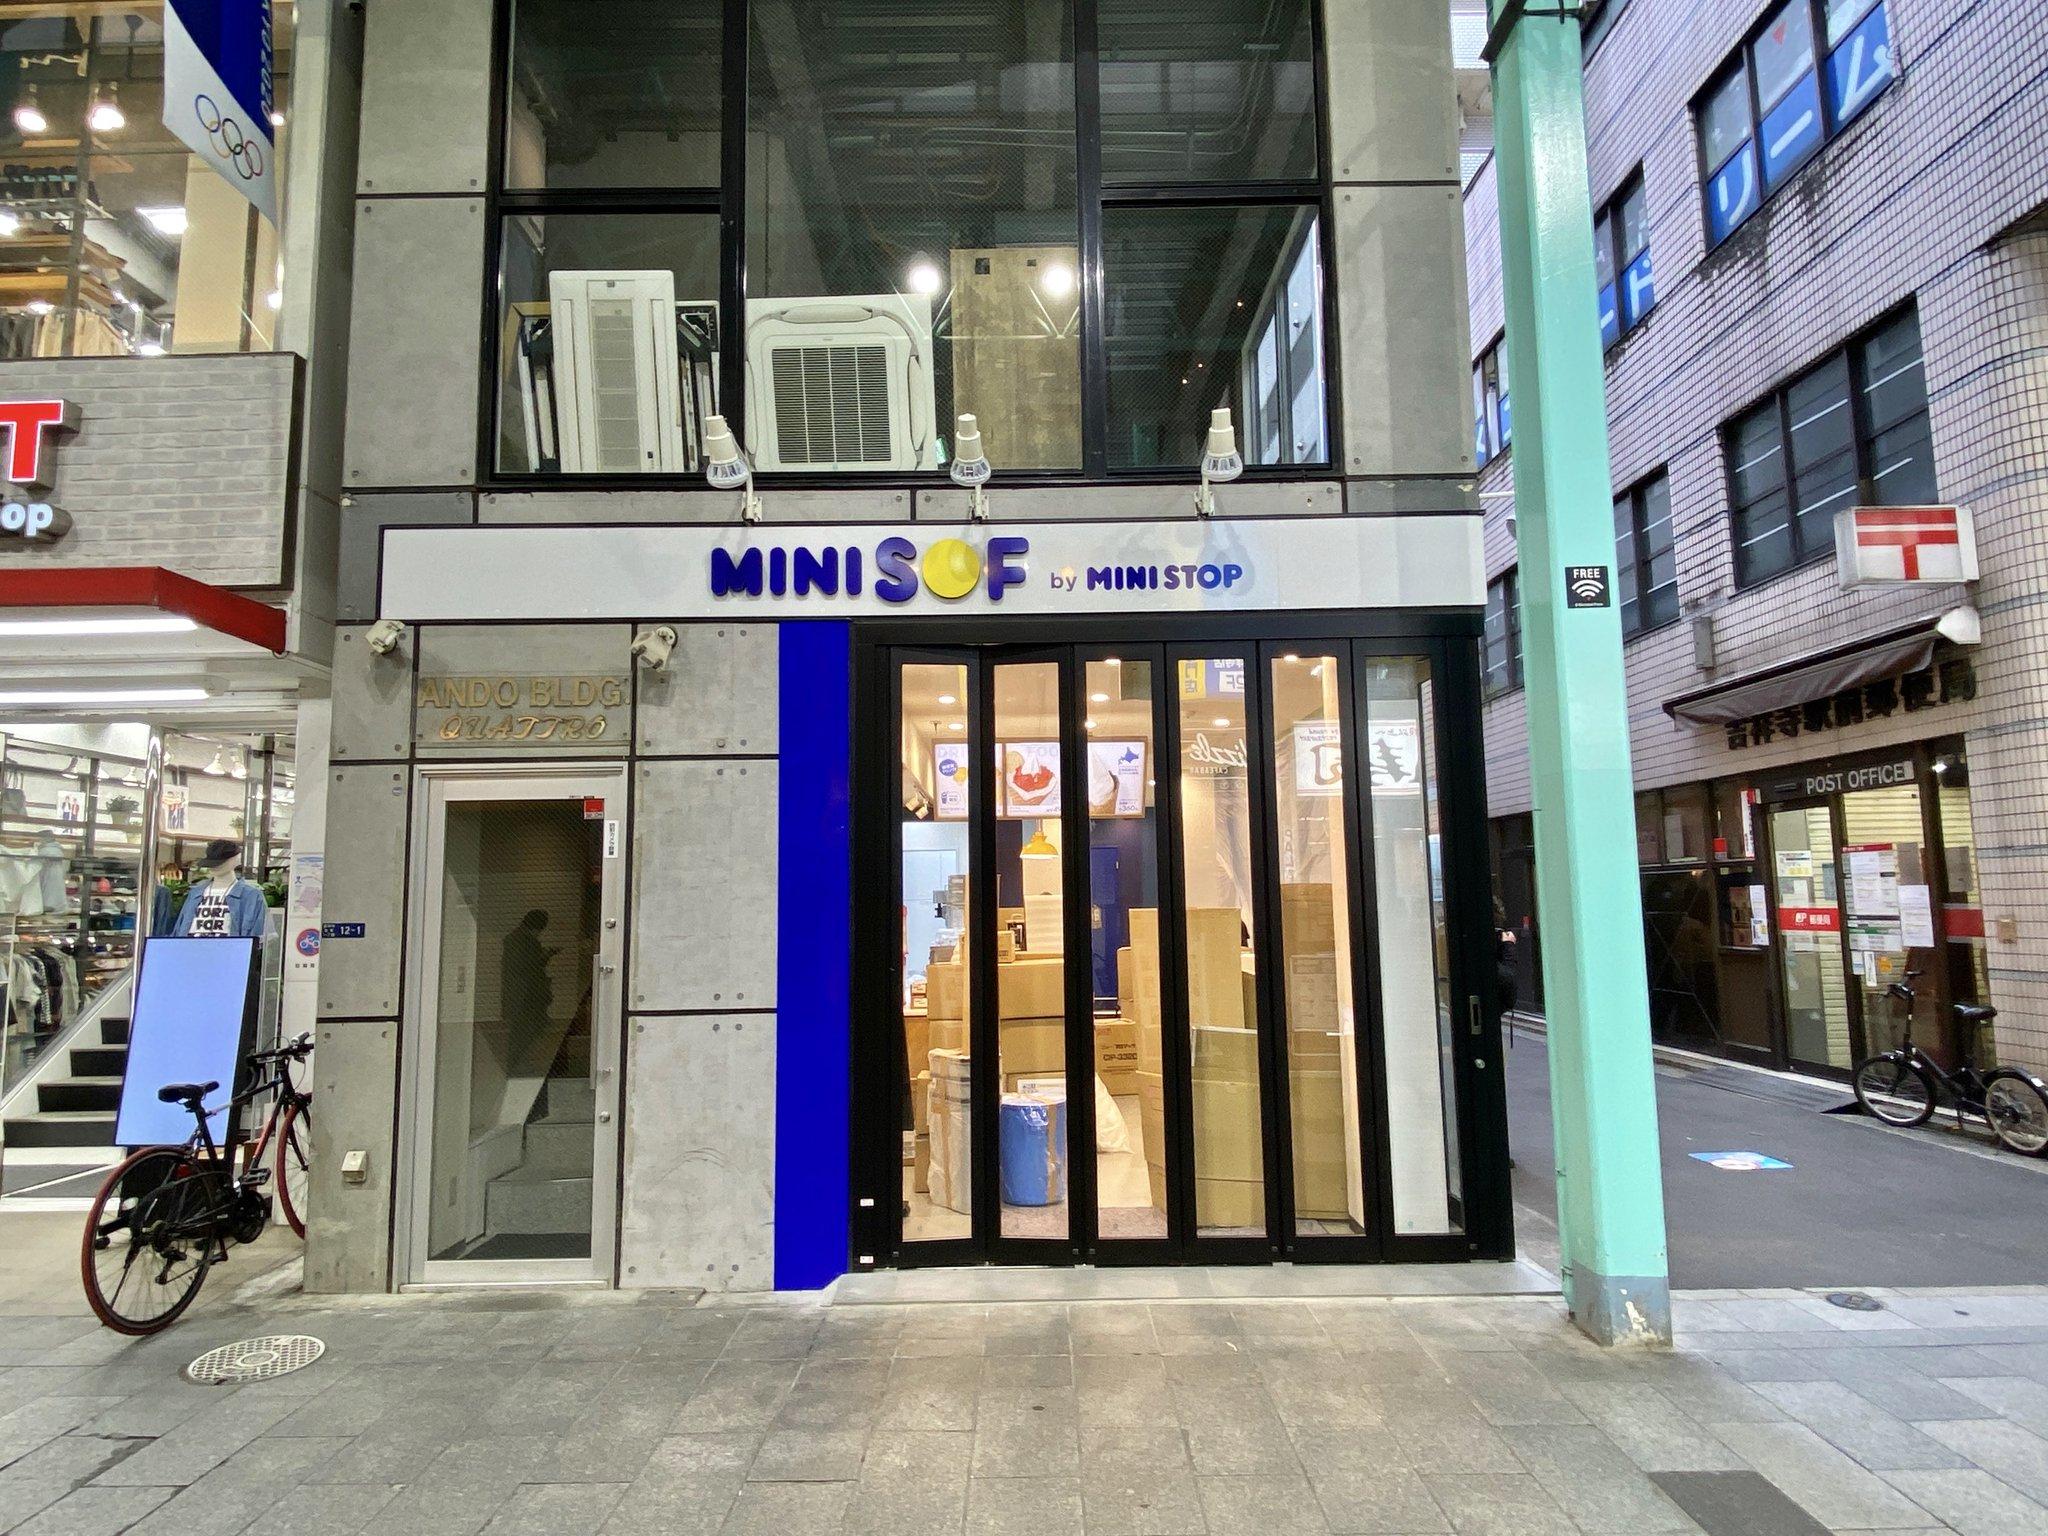 様々なソフトクリームが楽しめる?ミニストップのソフトクリーム専門店「ミニソフ」!